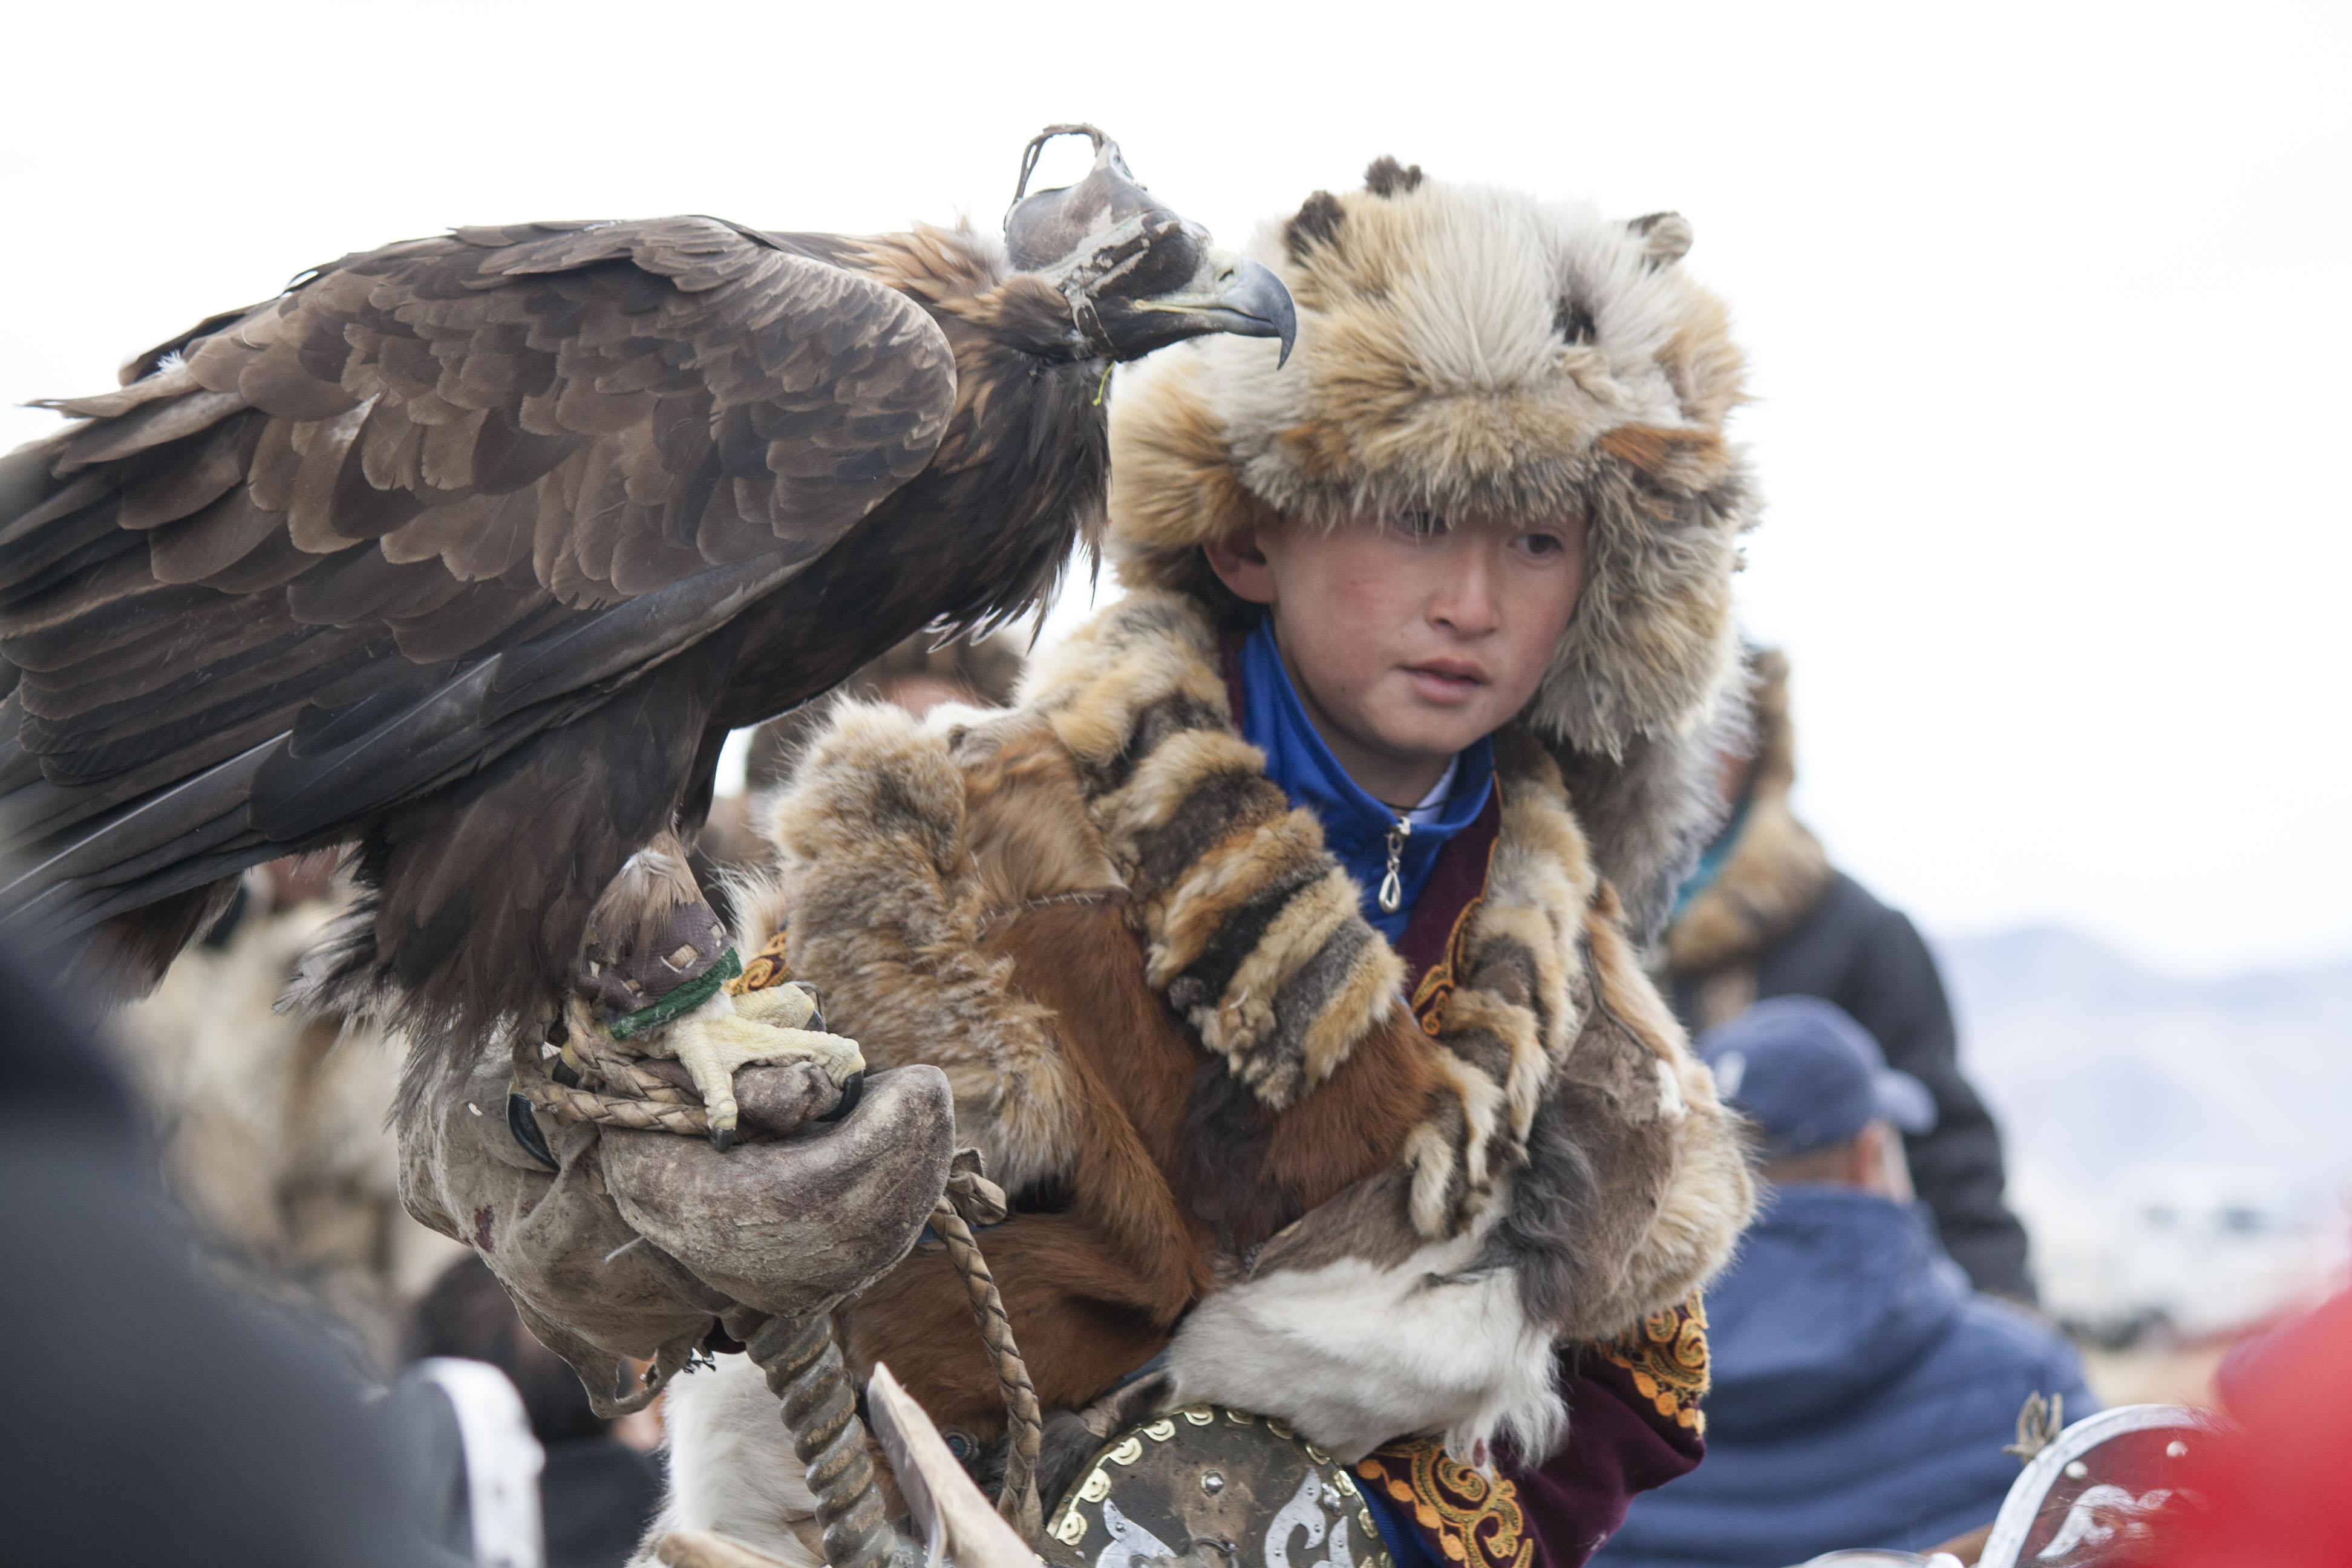 altai-eagle-festival-7